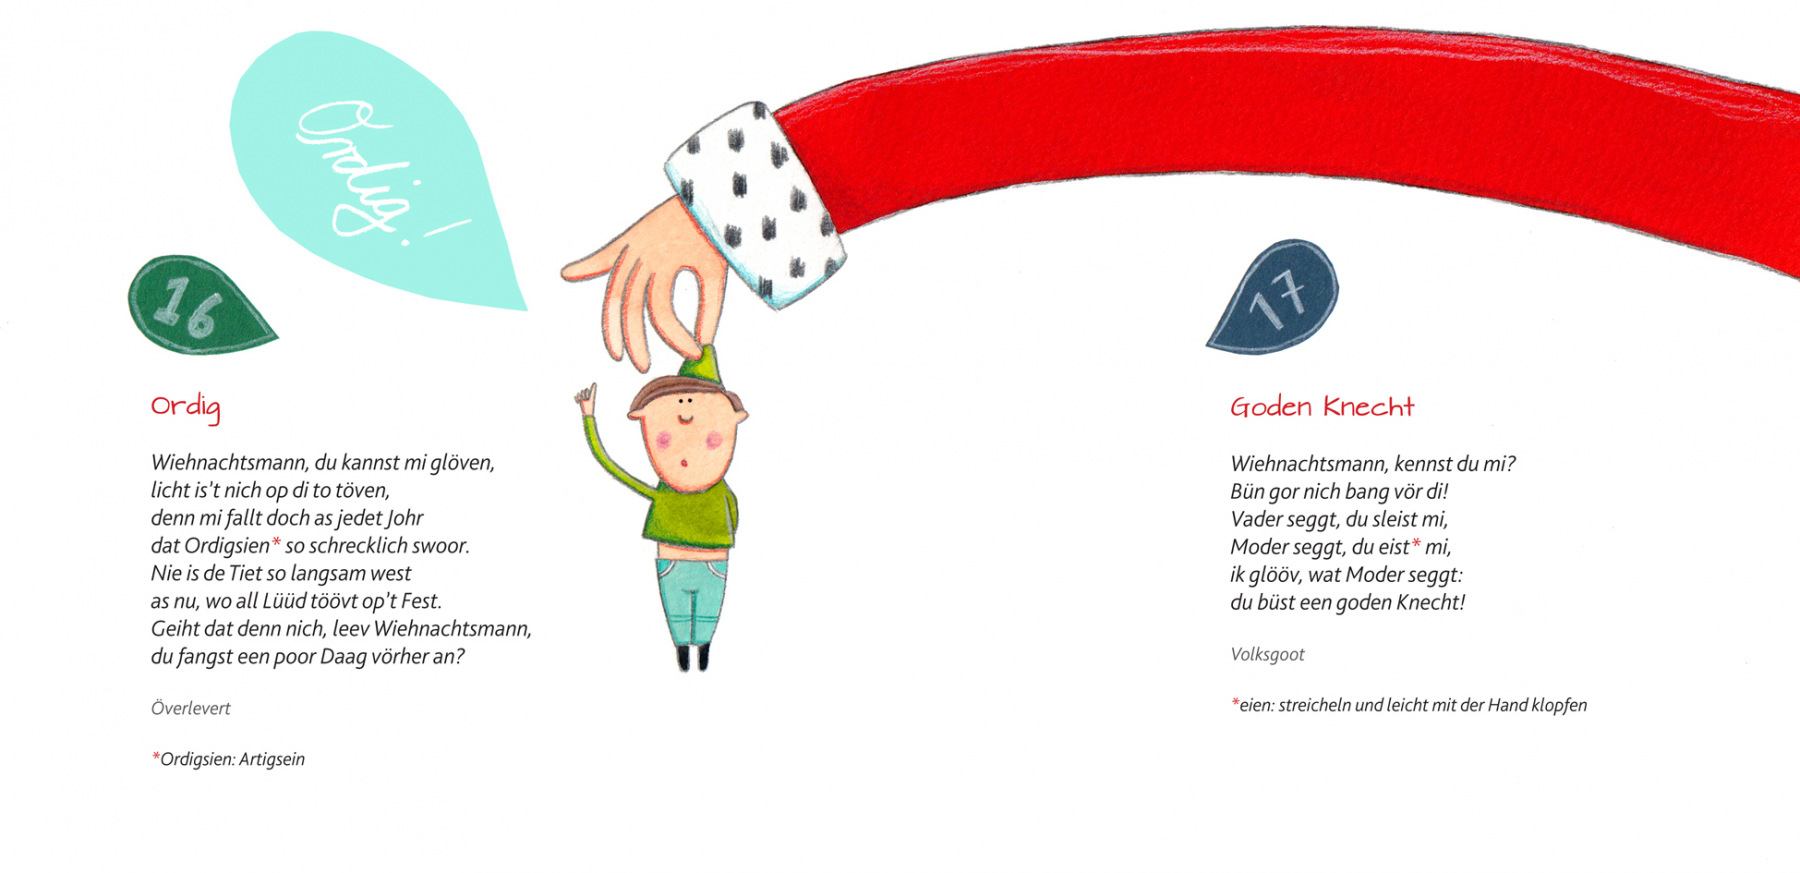 Plattdeutsches_Kinderbuch_Weihnachten_165x160mm.indd